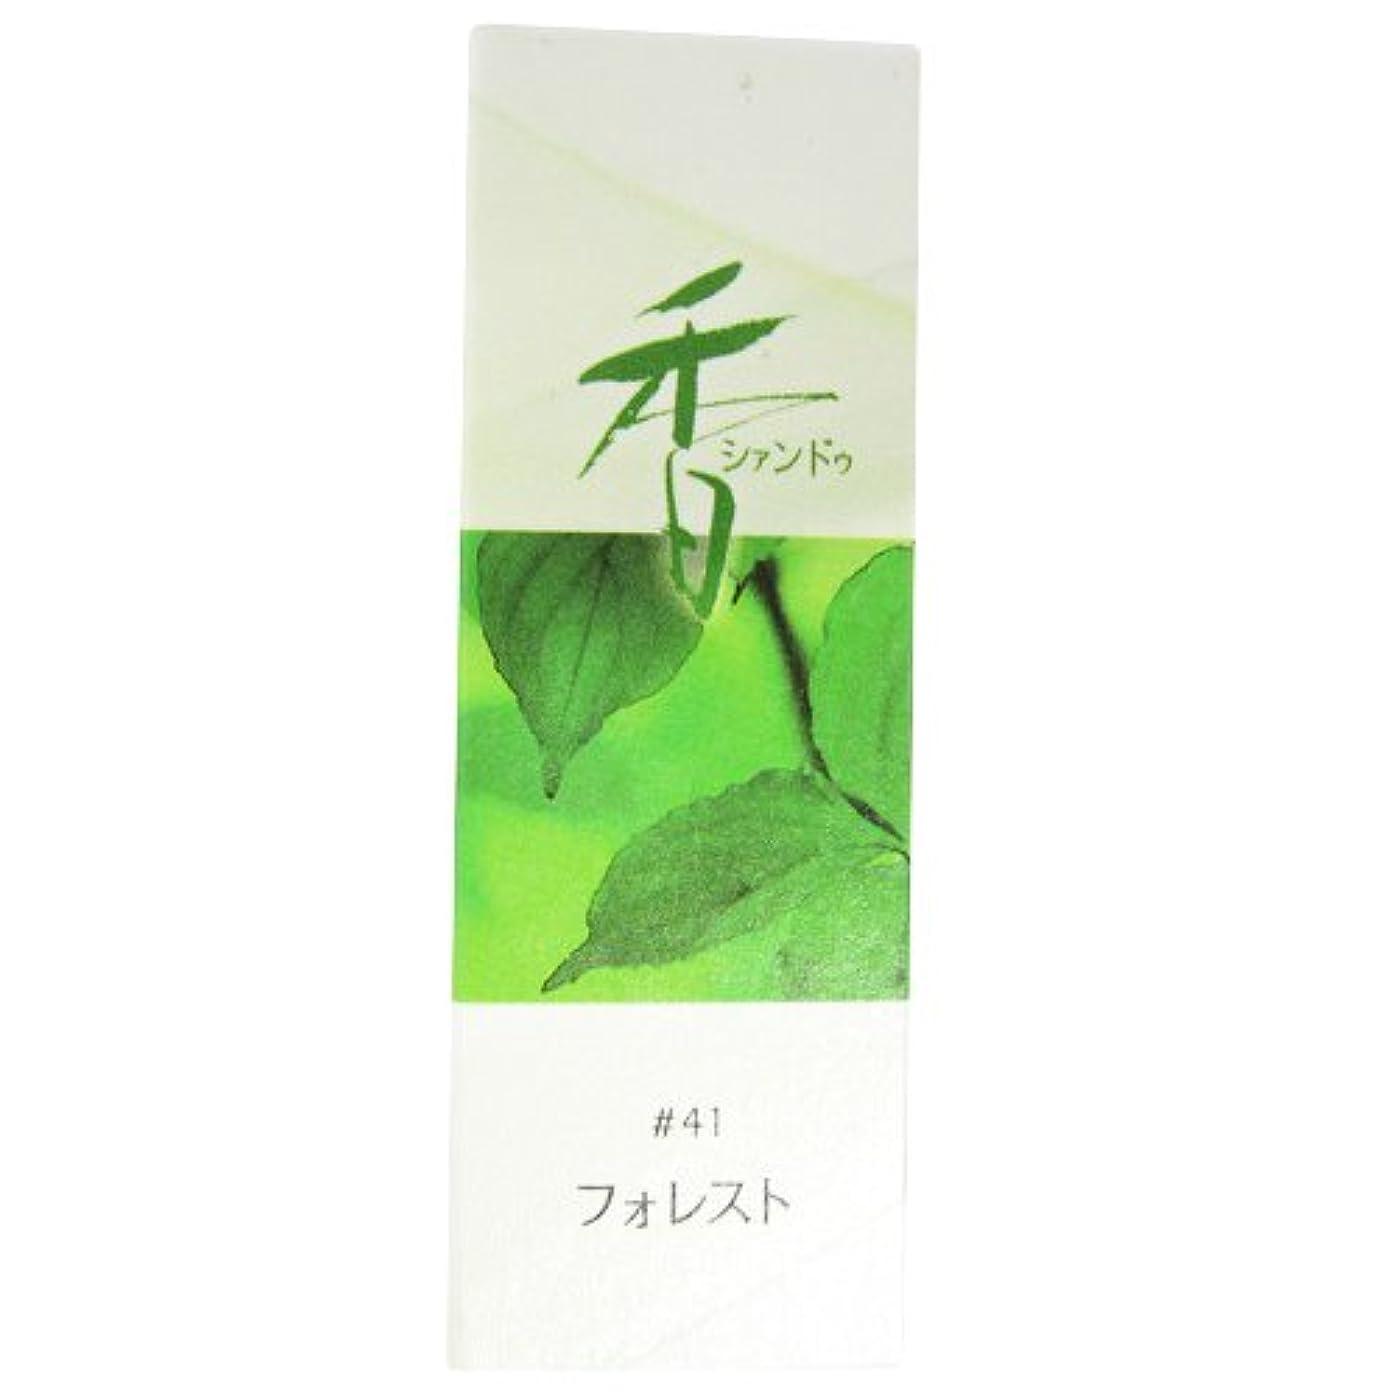 間に合わせデンマーク語伝統的松栄堂のお香 Xiang Do フォレスト ST20本入 簡易香立付 #214241